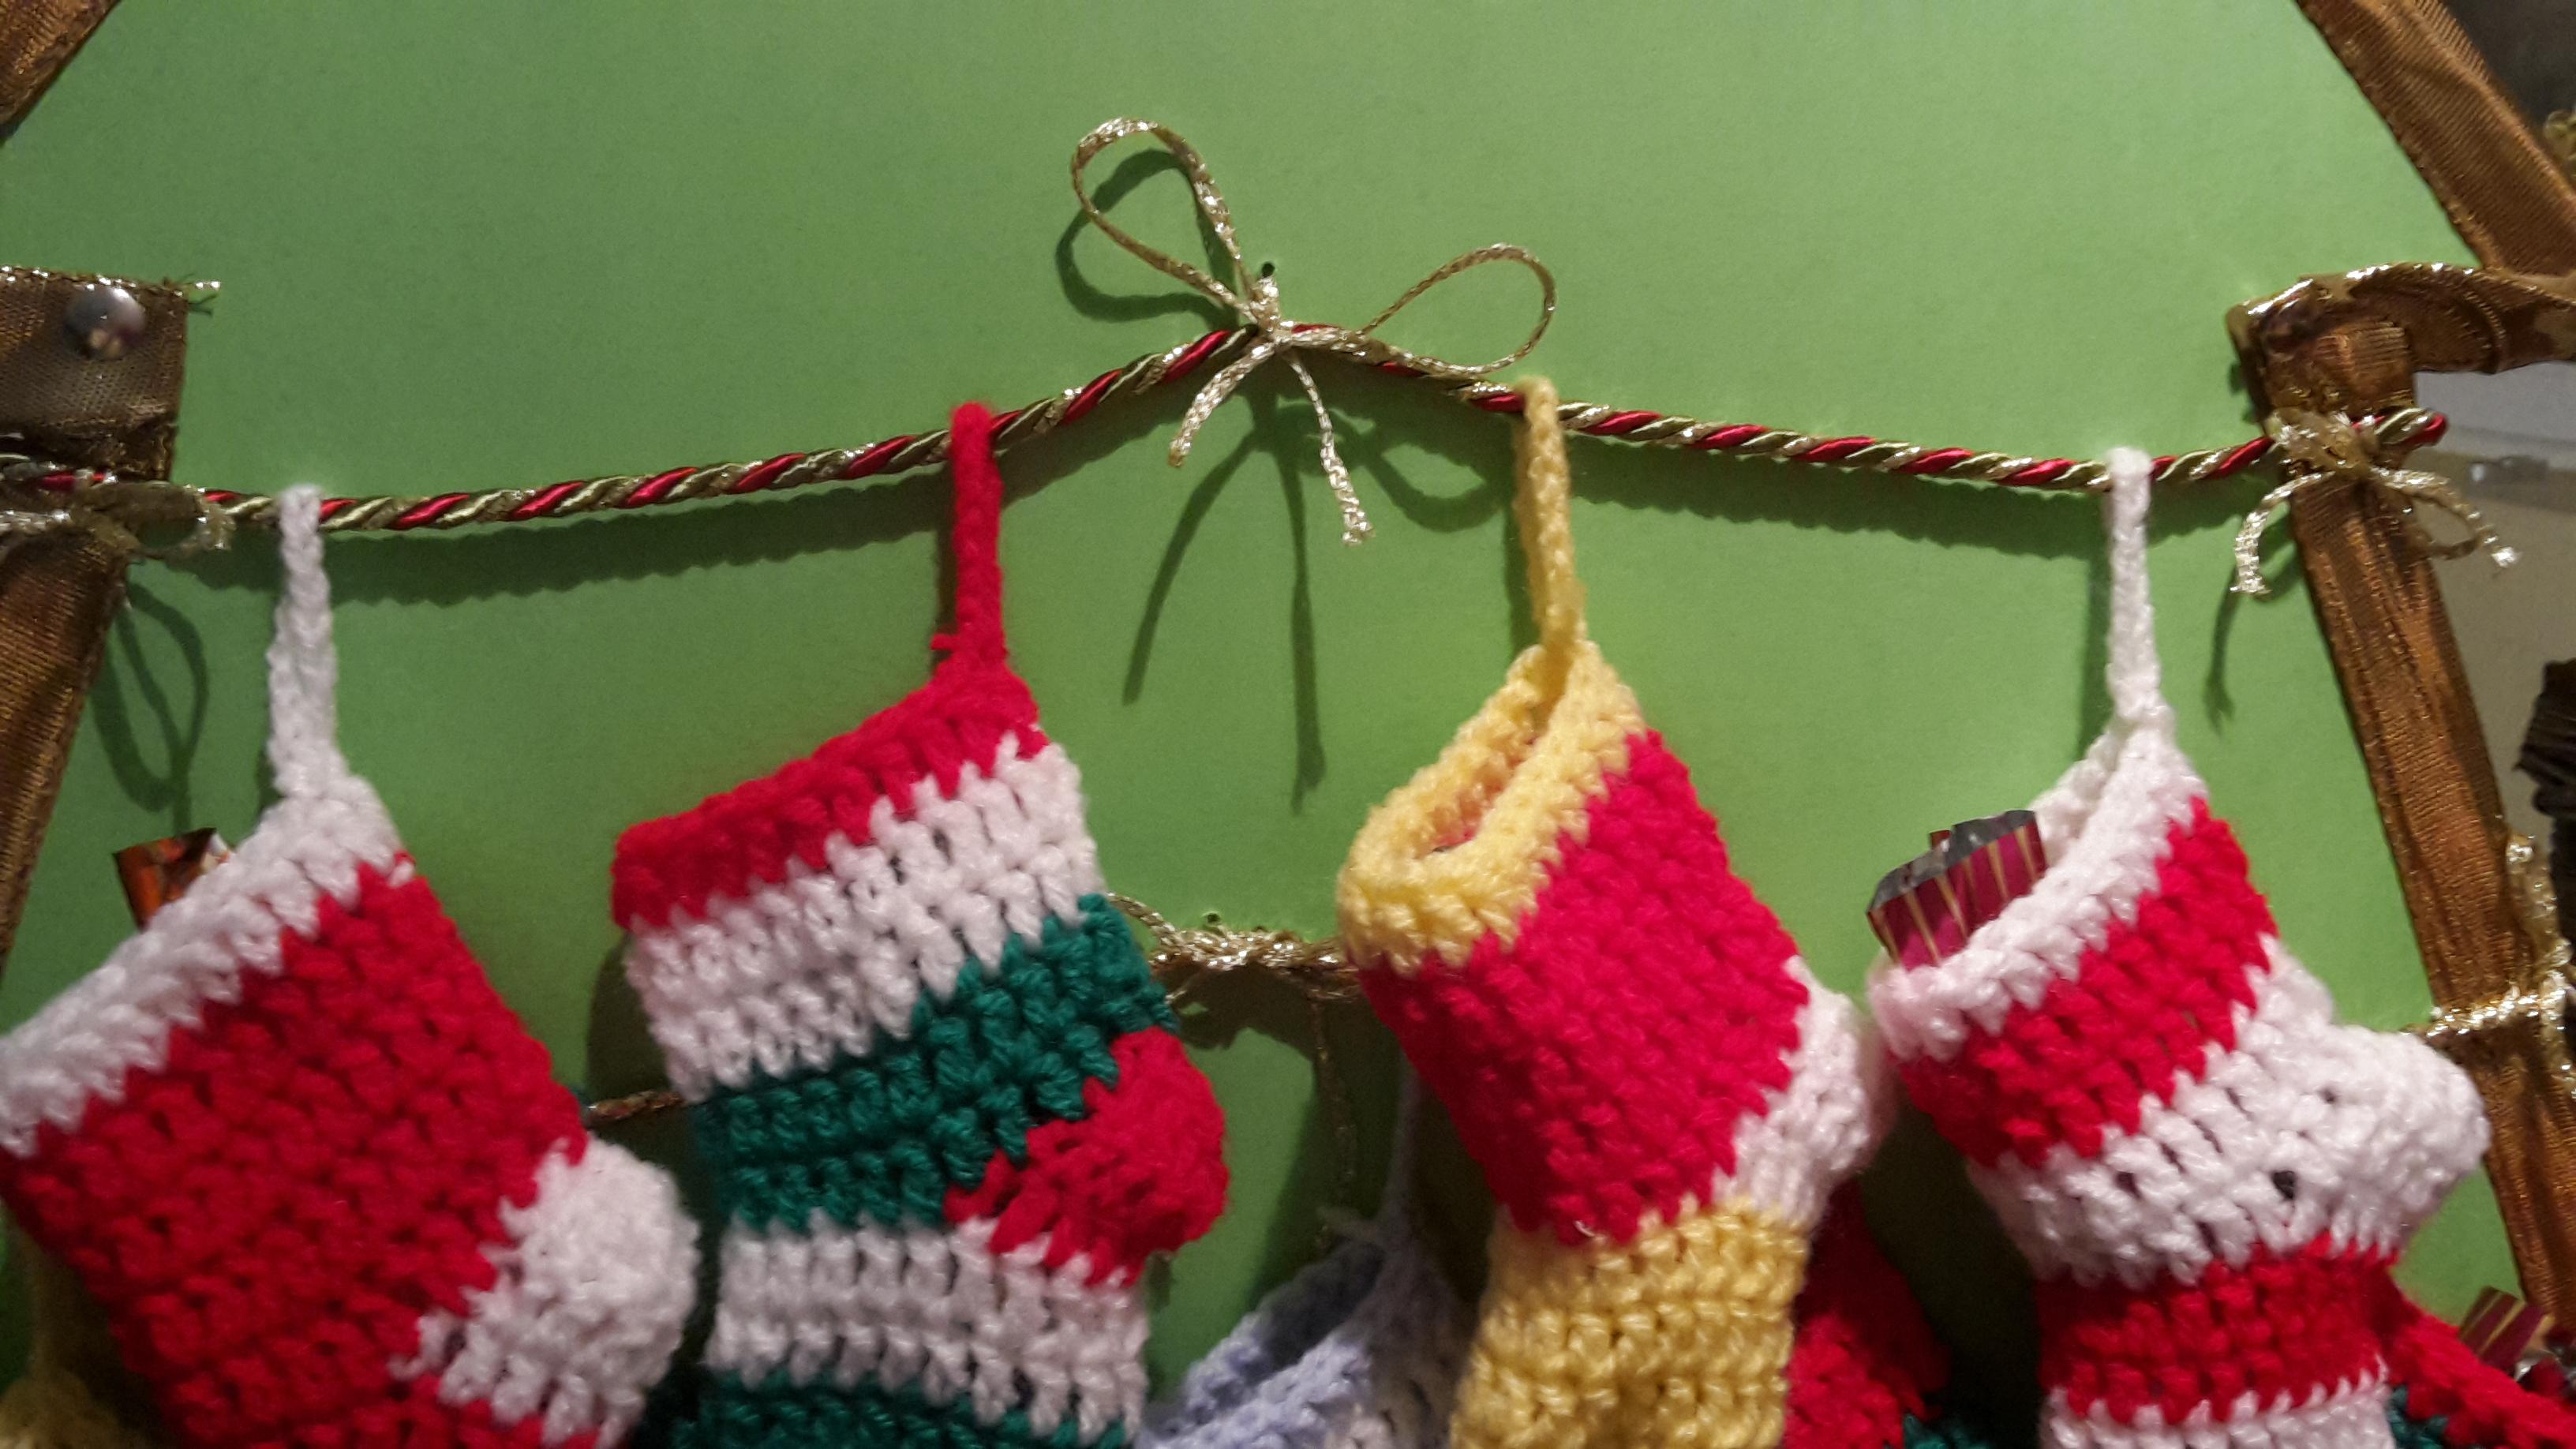 Adventi kalendárium mini horgolt zoknikból 2.rész - Kreatív+Hobby ... df9c56d9d5